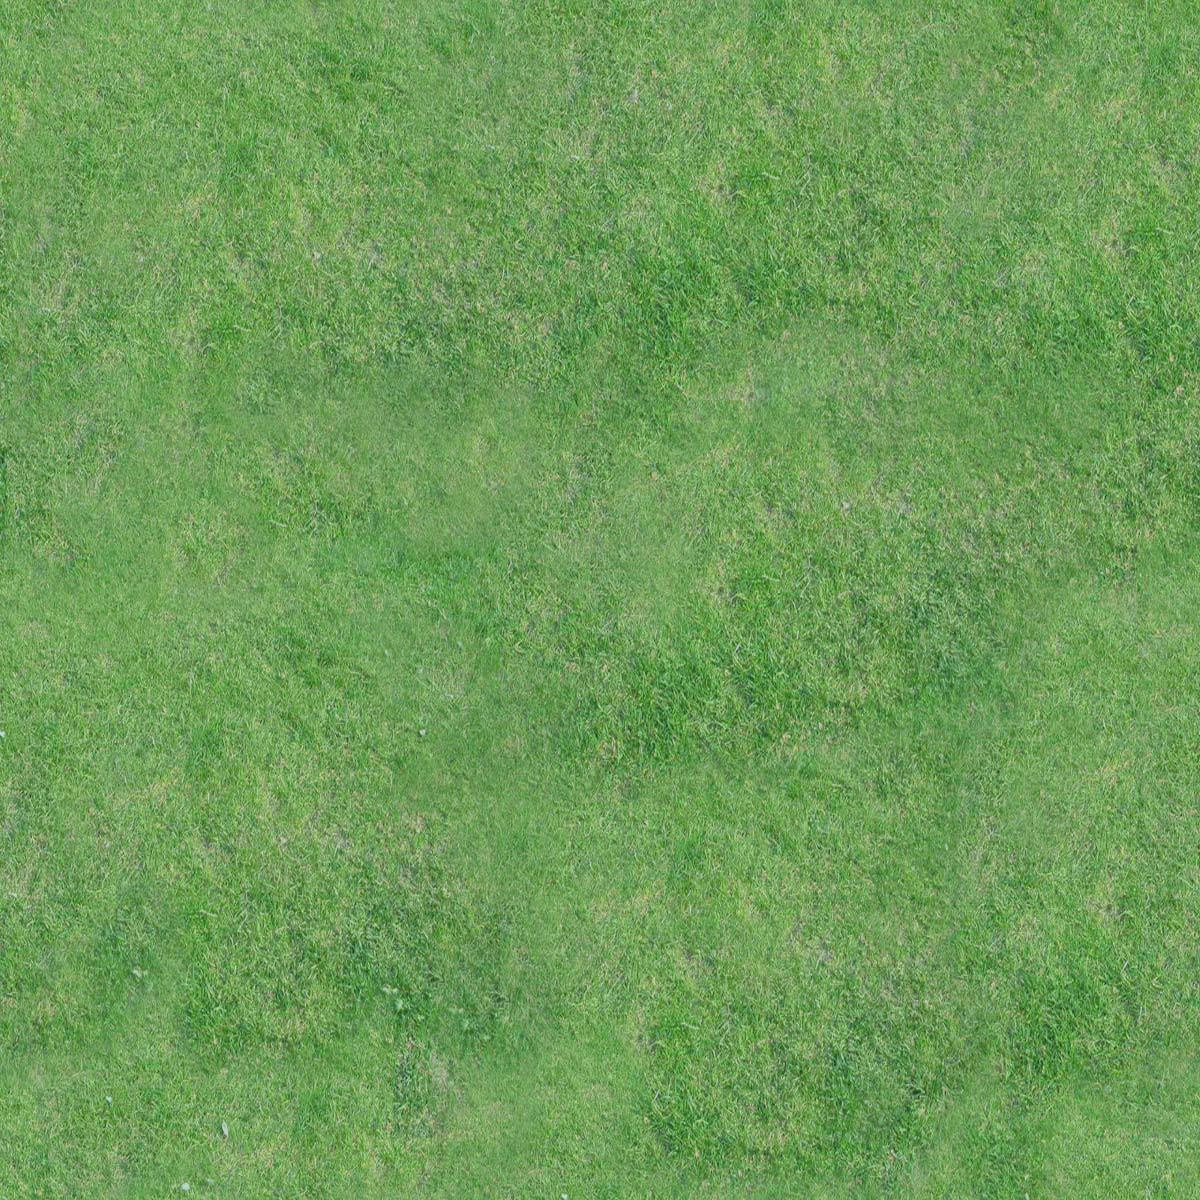 Gras Stock